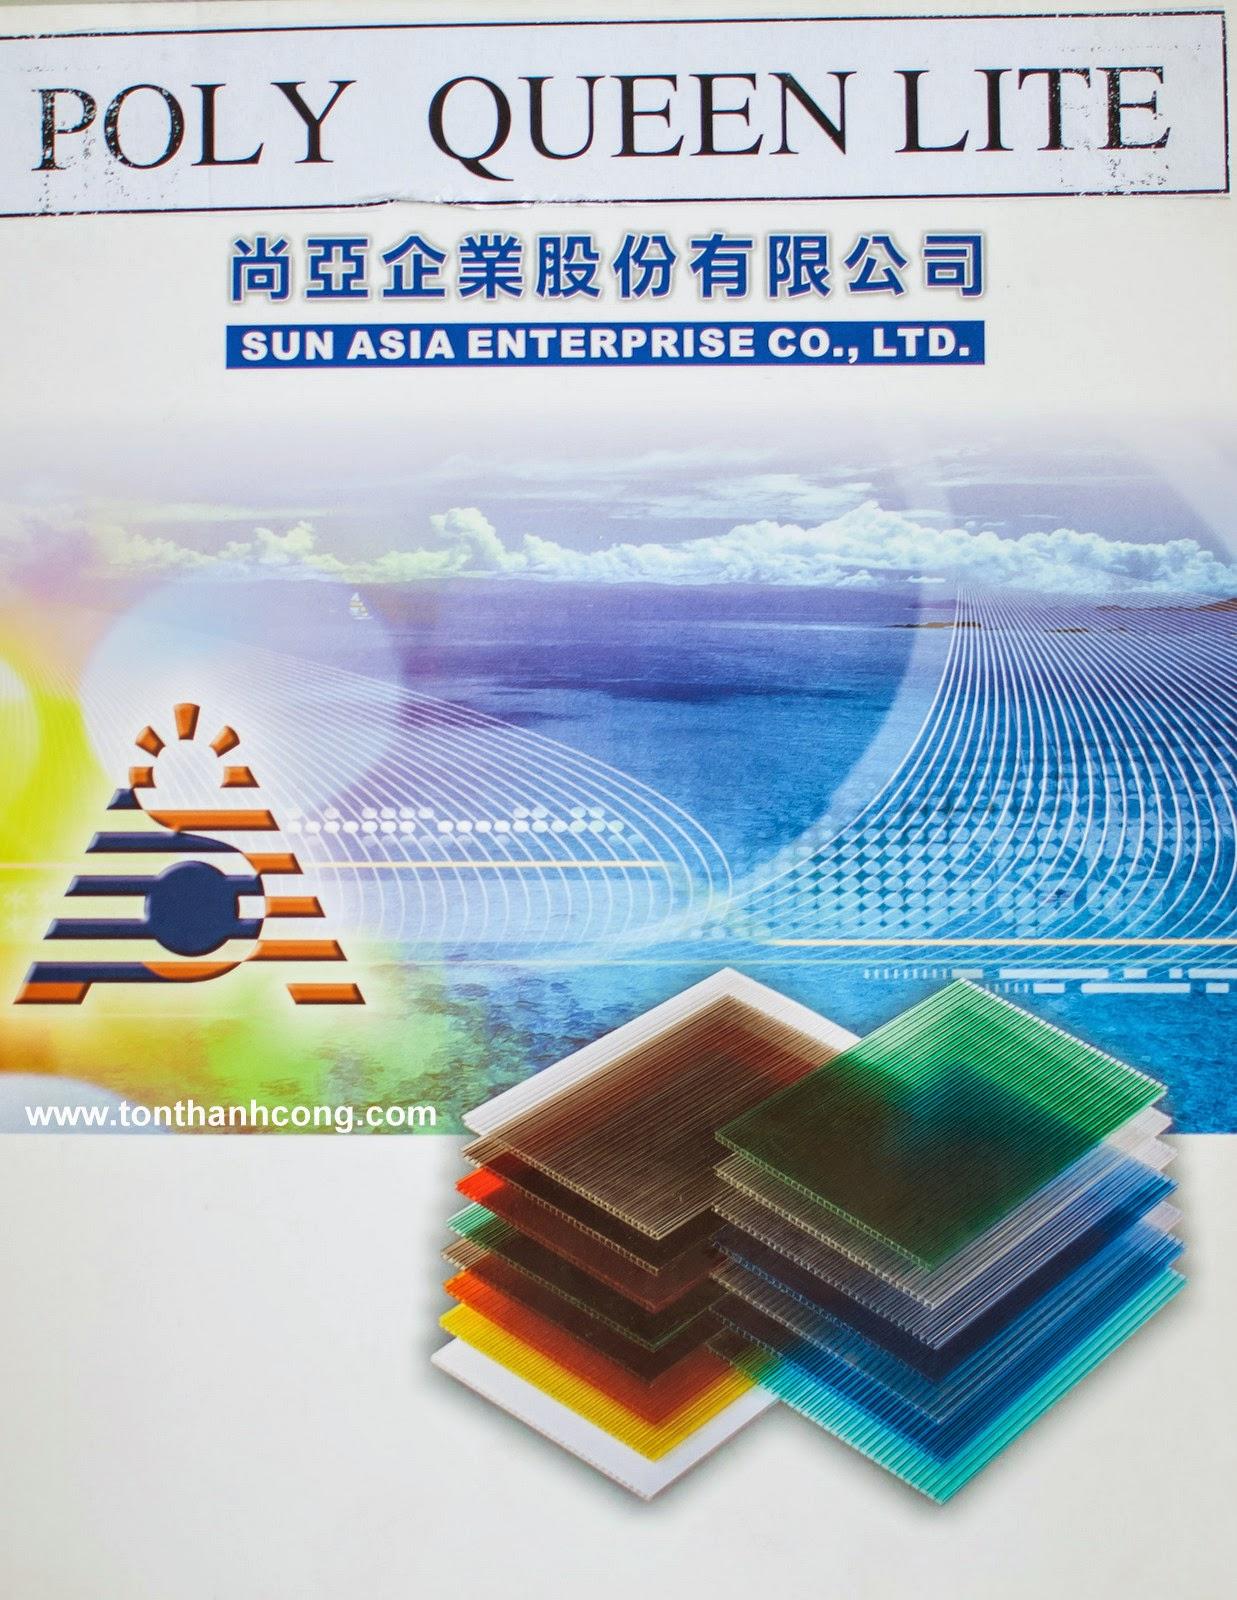 Tấm Lợp Lấy Sáng Polycarbonate Rỗng Ruột QueenLite - Trang 1